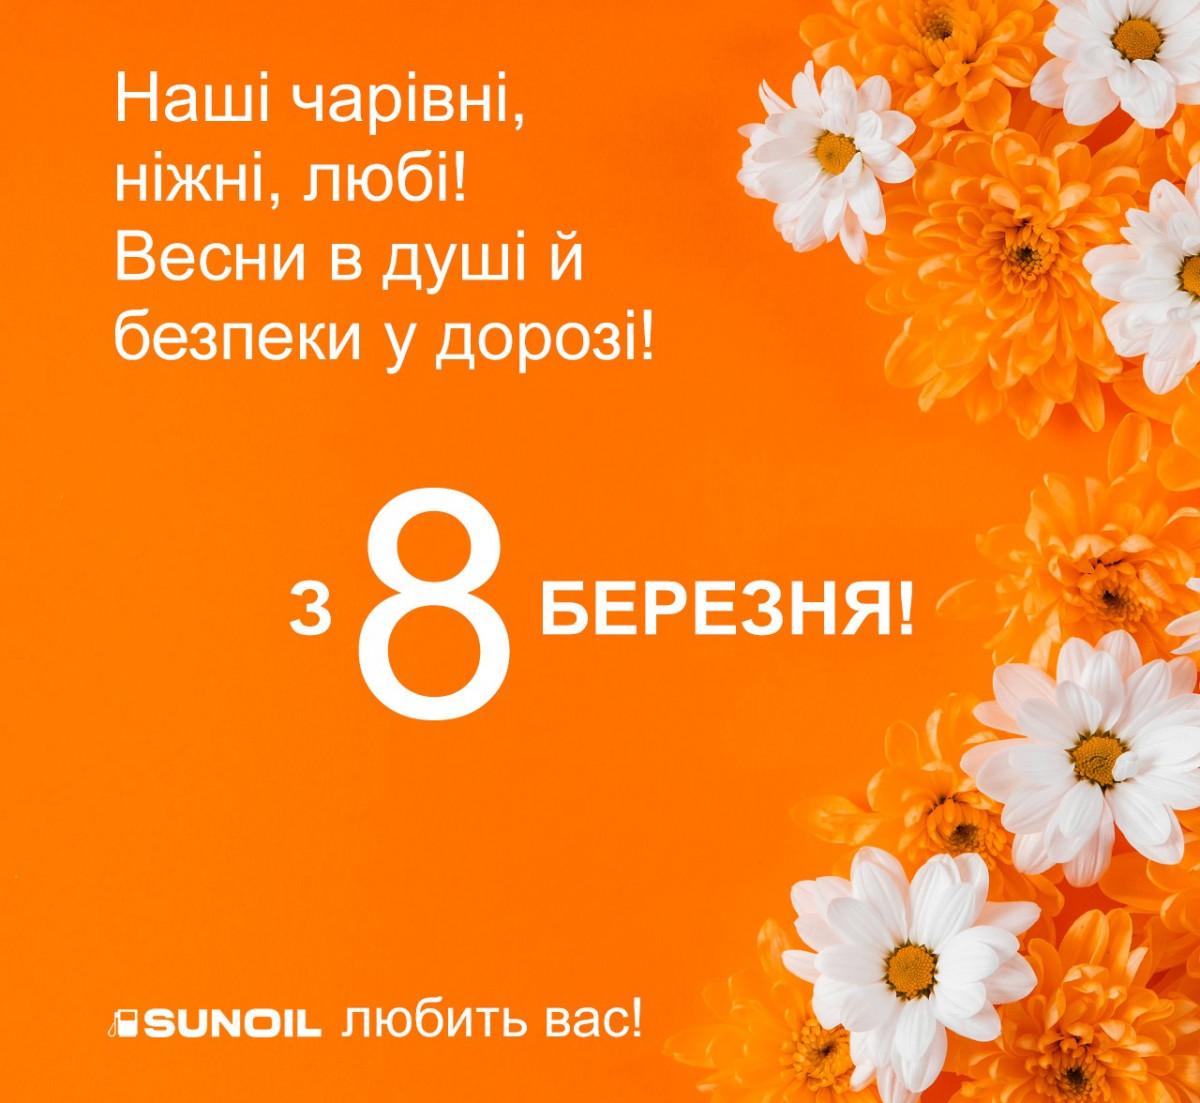 С праздником весны, наши дорогие!